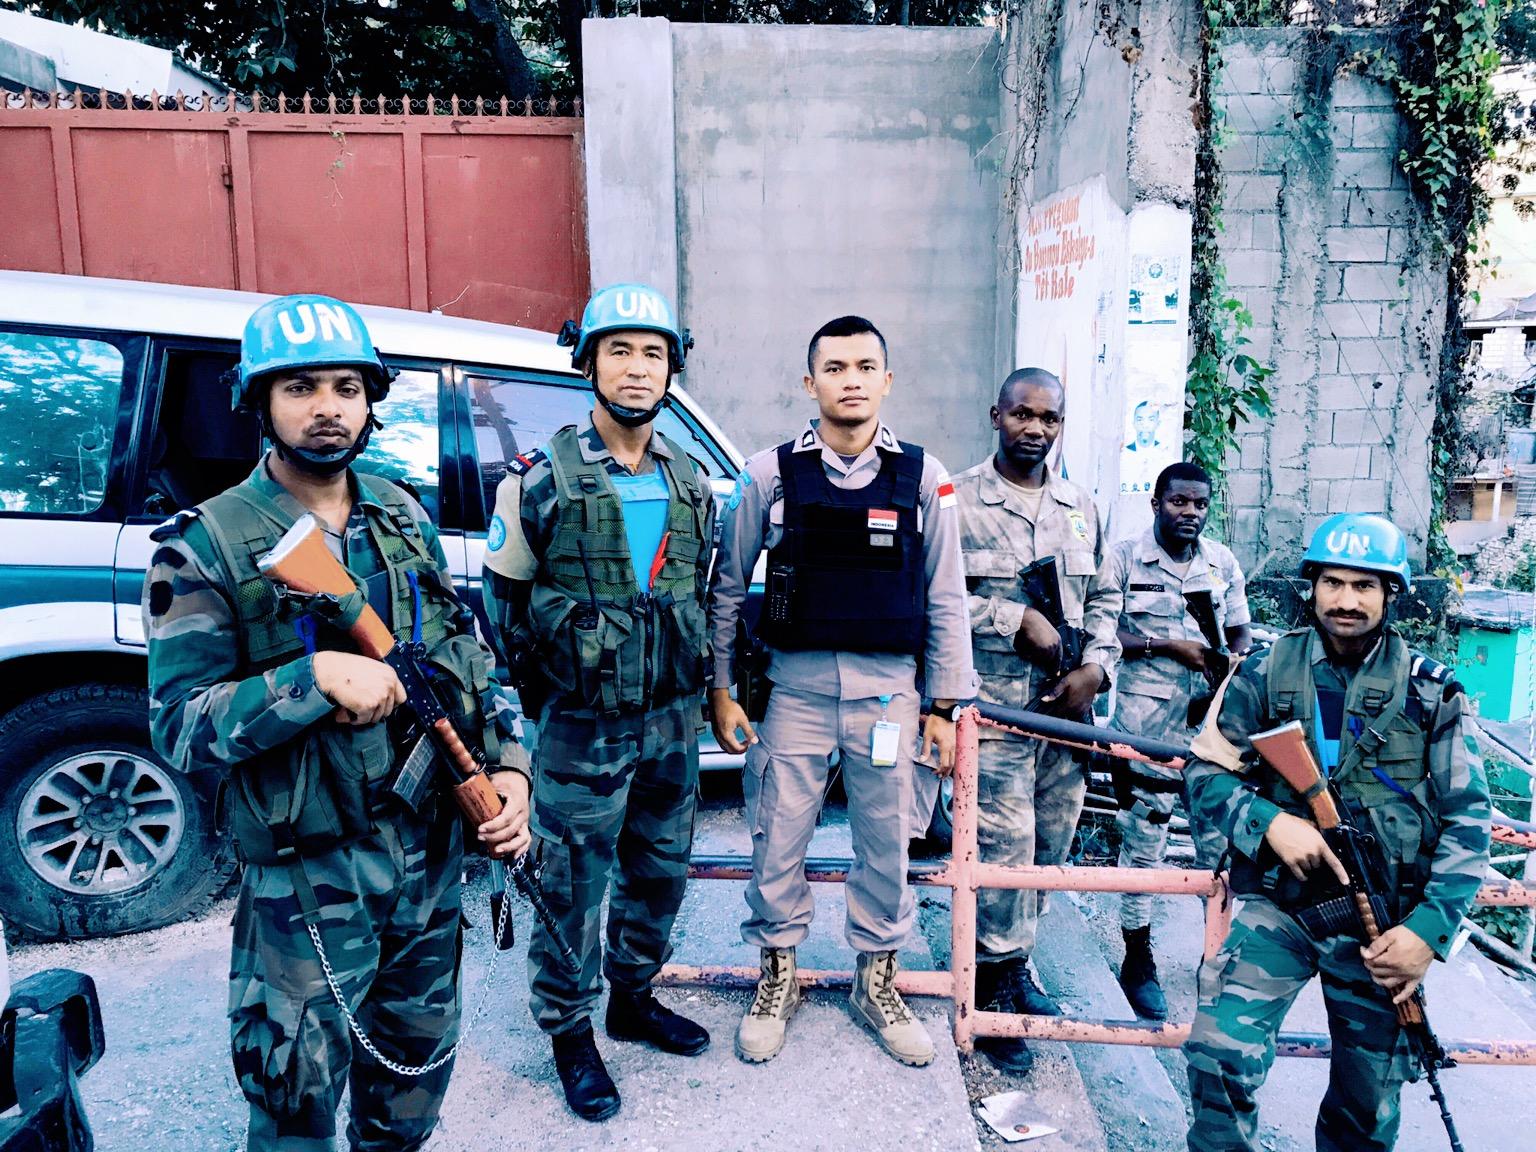 Bersama Kepolisian Nasional Haiti dan FPU (Formed Police Unit) dari melaksanakan operasi kepemilikan senjata illegal di Port au Prince, Haiti. (C)Mikael Situmorang